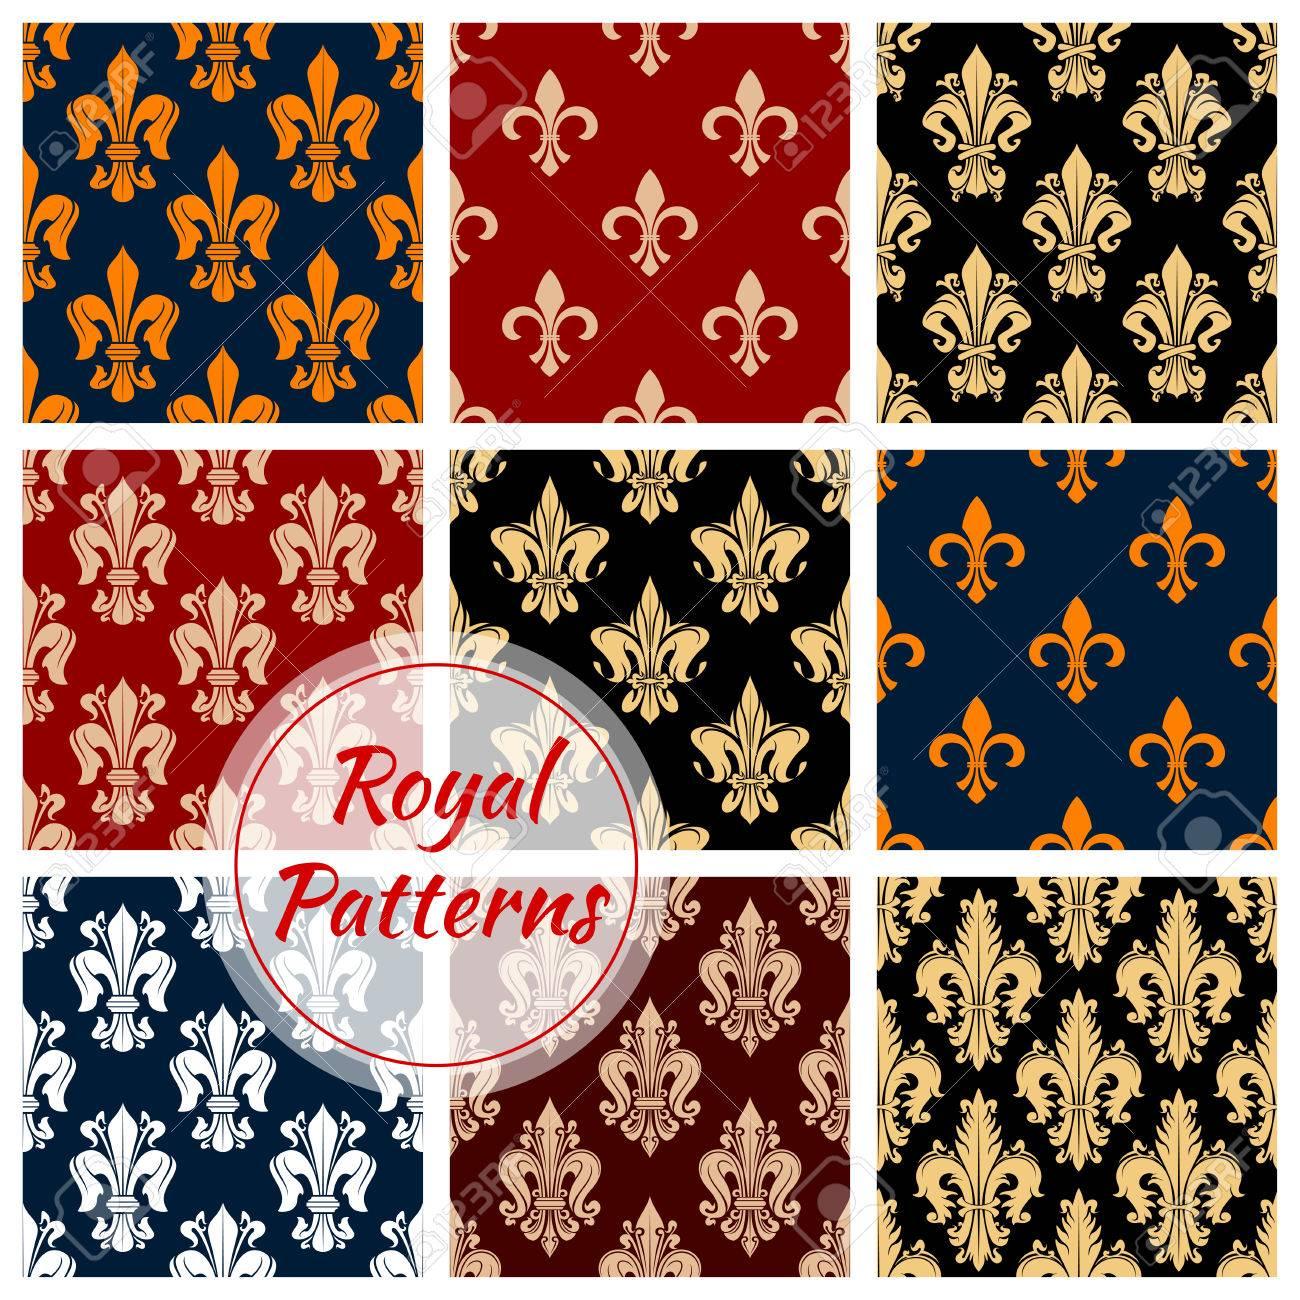 Floral Fleur De Lis Ornement Patterns Royal Fixes Vecteur Epanouir